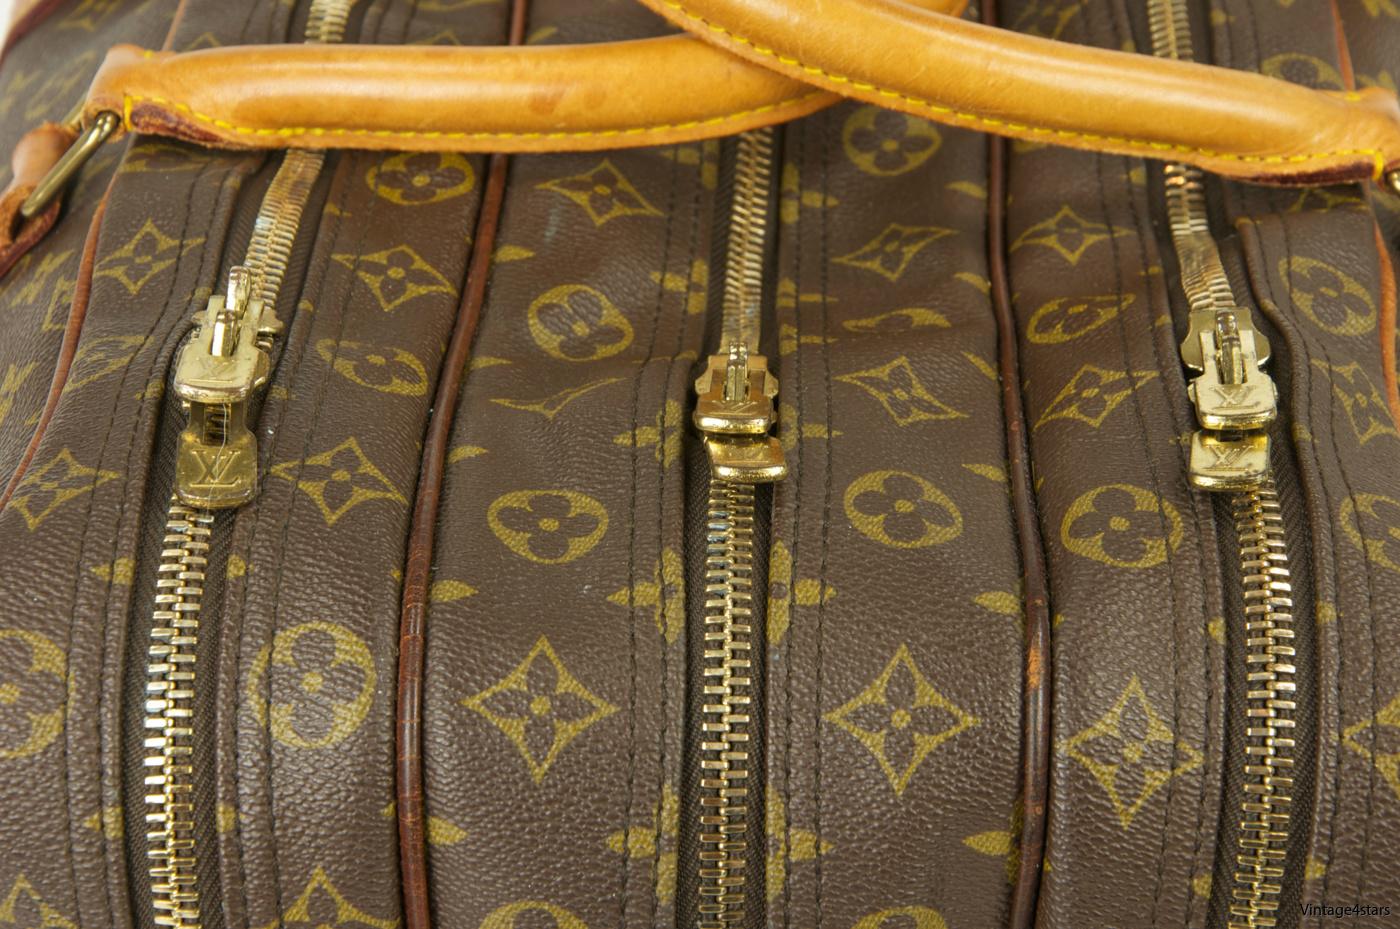 Louis Vuitton Sac 3 Poches 11